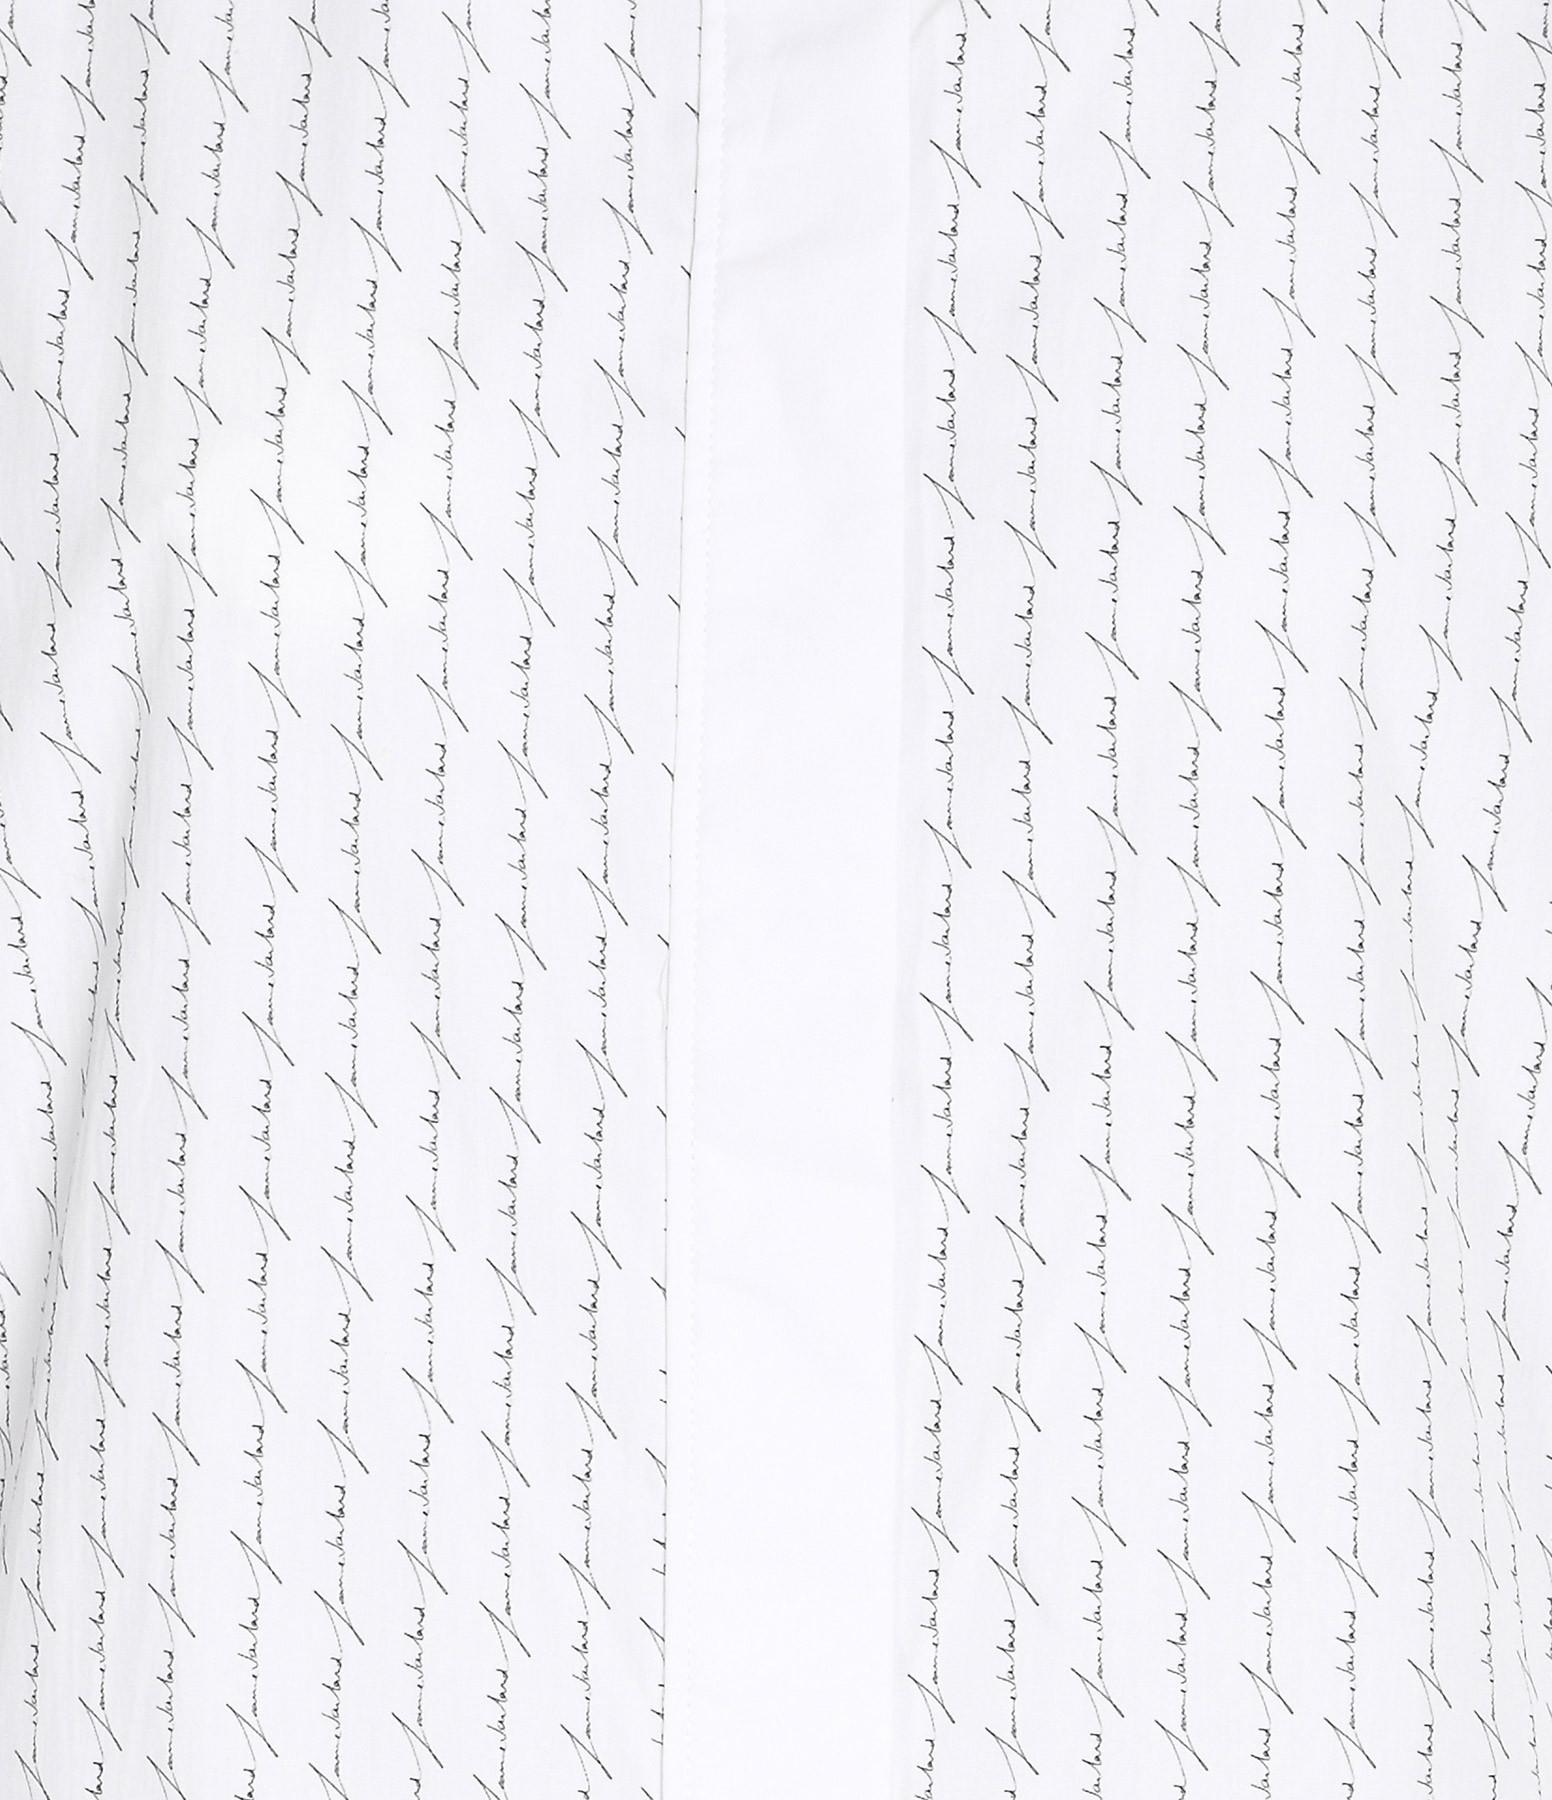 JEANNE VOULAND - Chemise Bay Blanc Rayures Noir